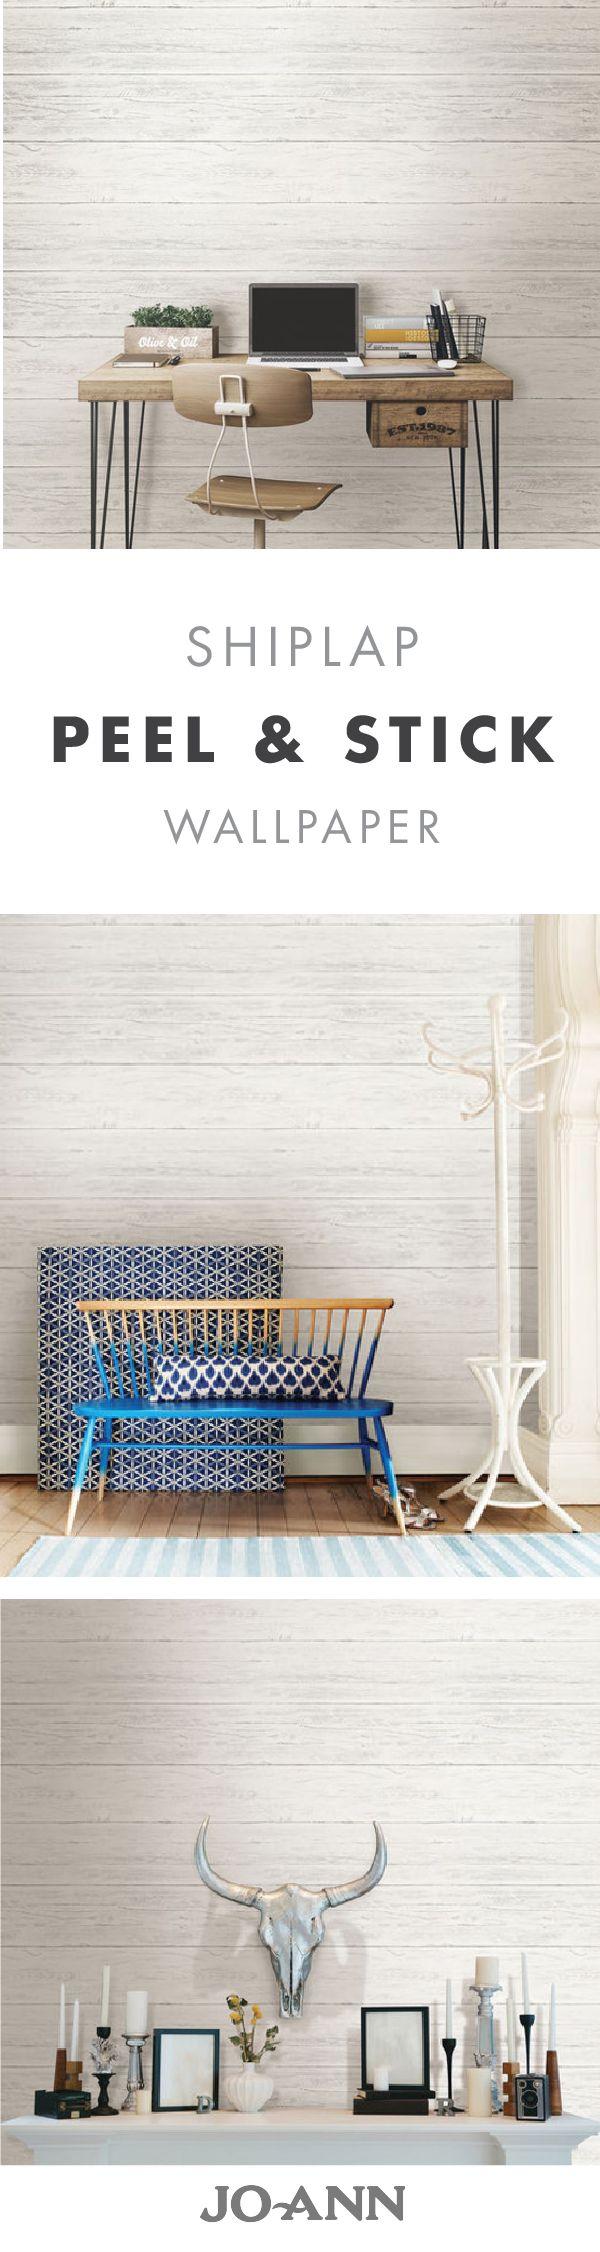 Best 25 rustic wallpaper ideas on pinterest - Easy peel off wallpaper ...